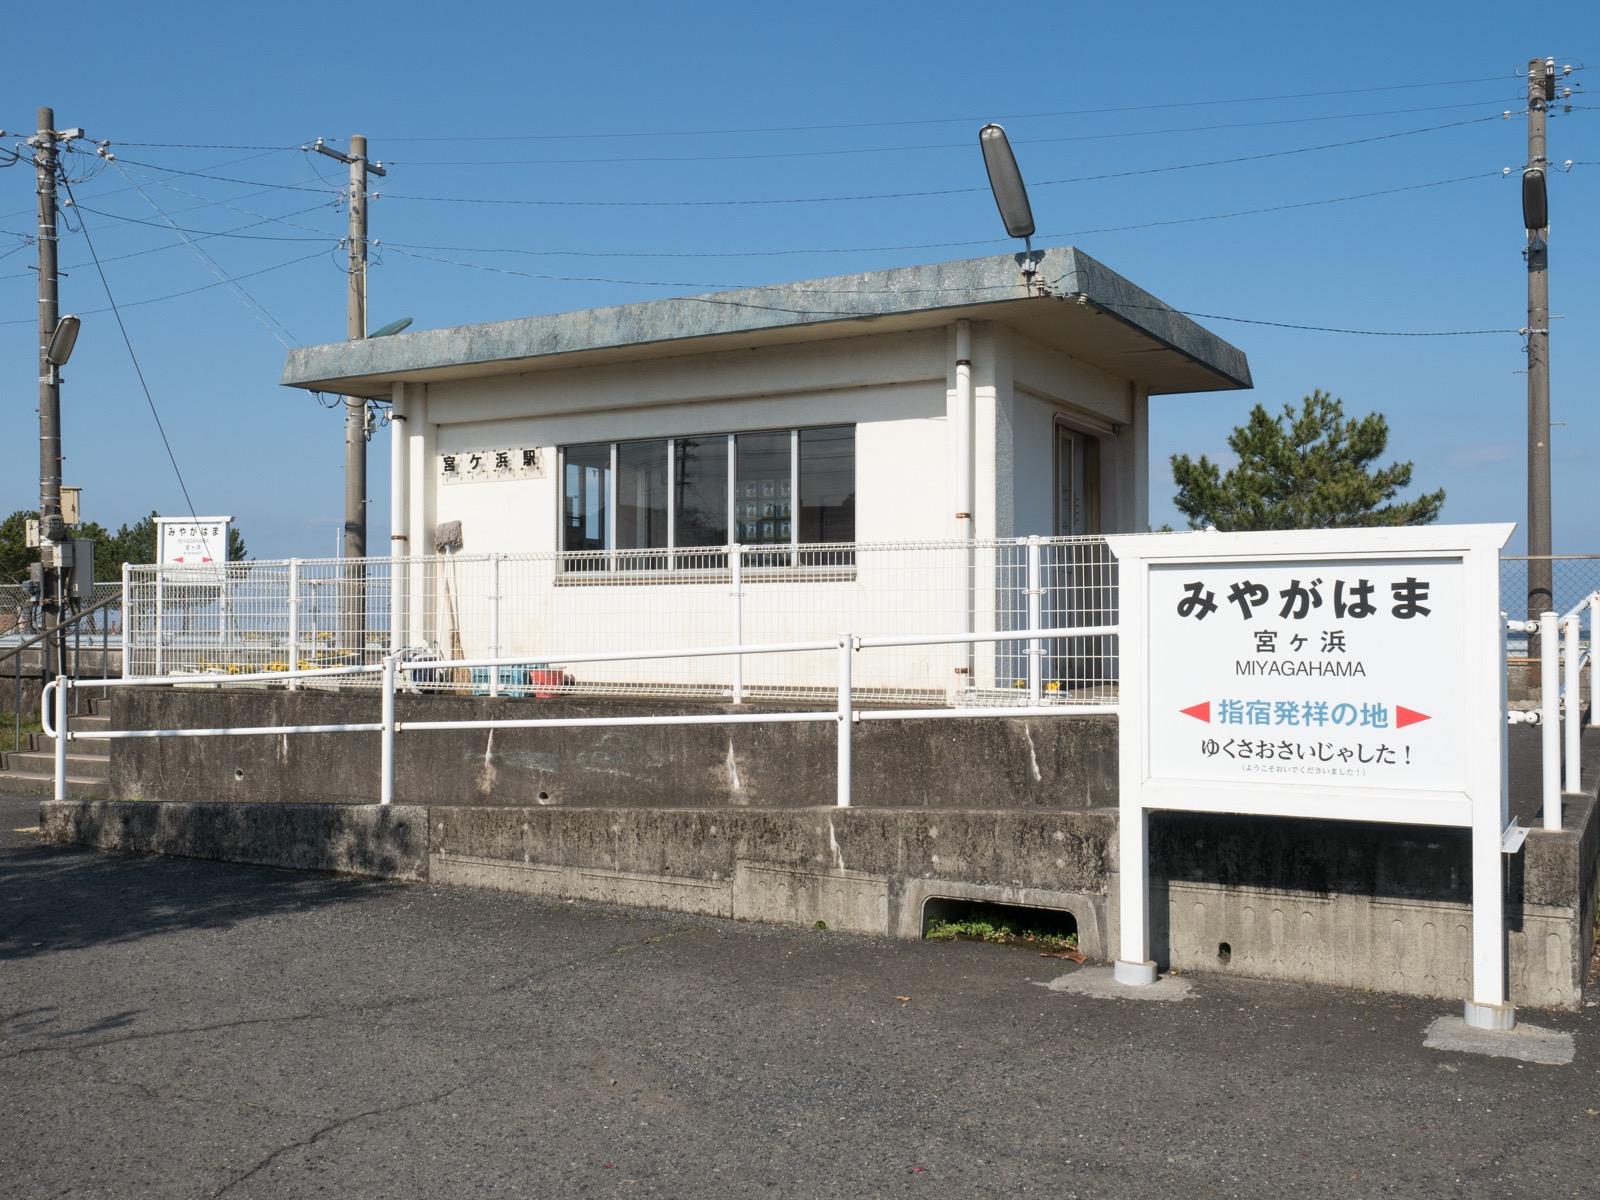 miyagahama_08